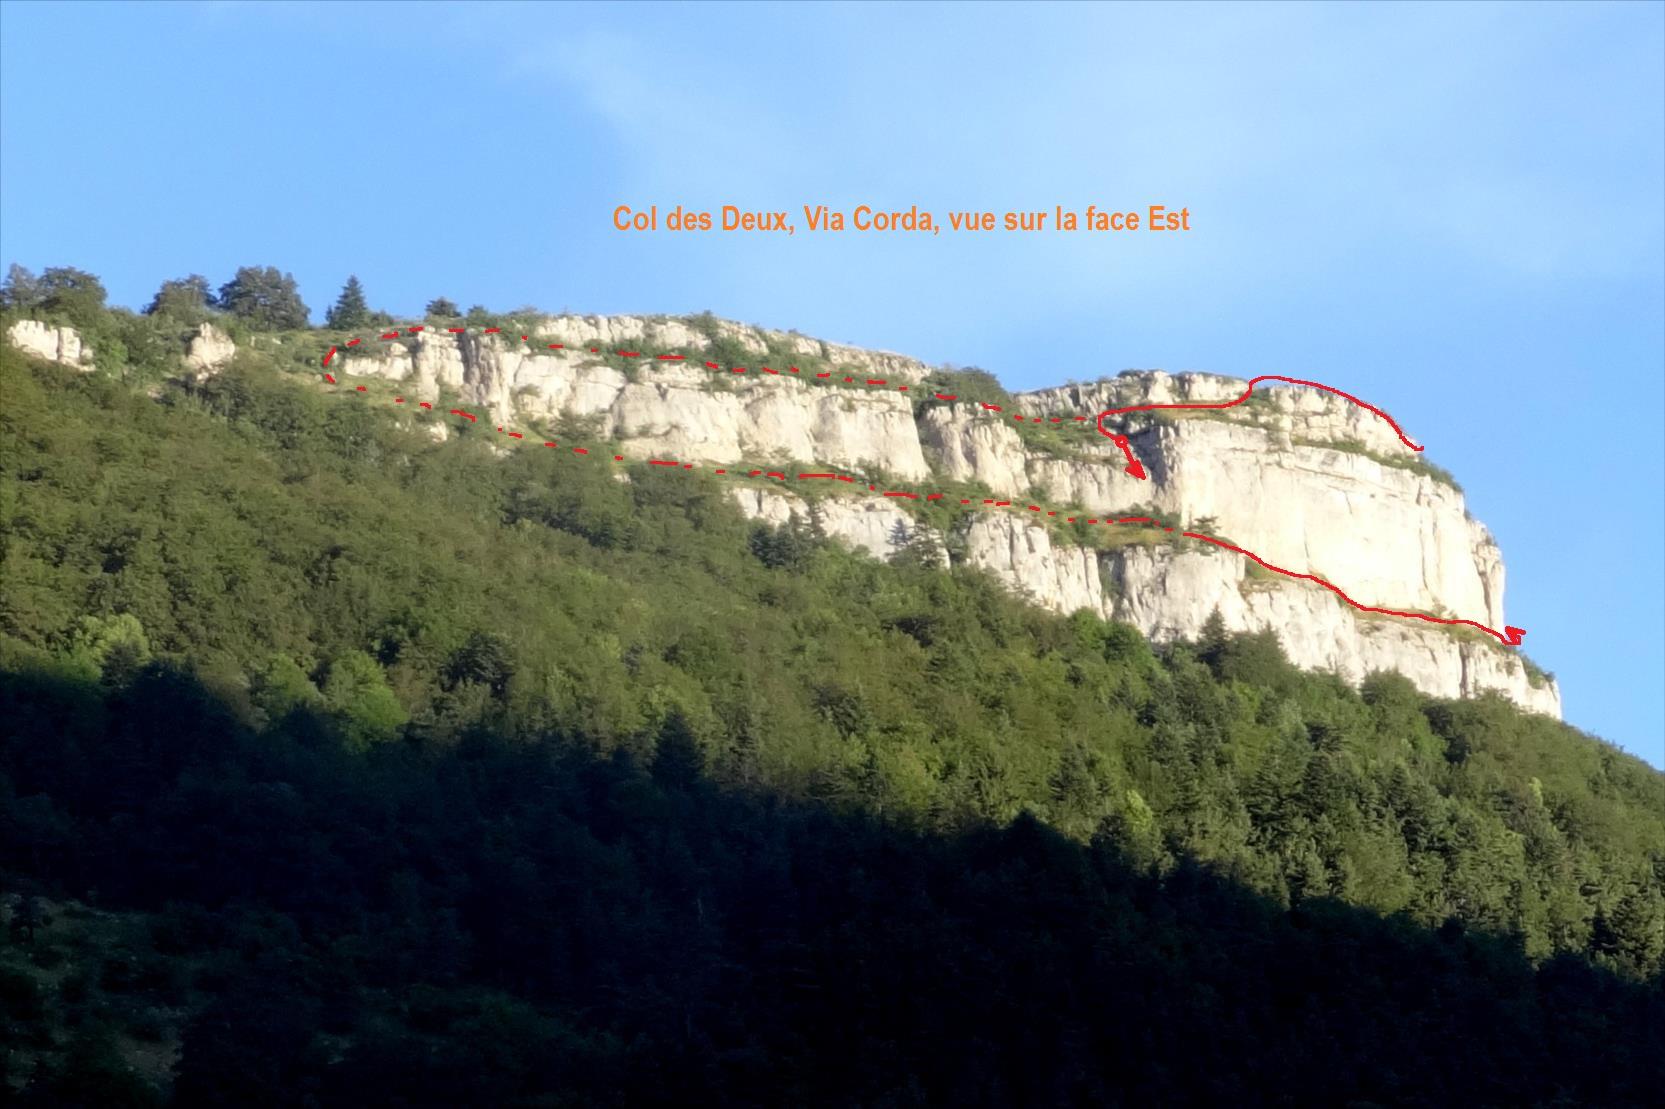 Via Corda du col des Deux, Vercors